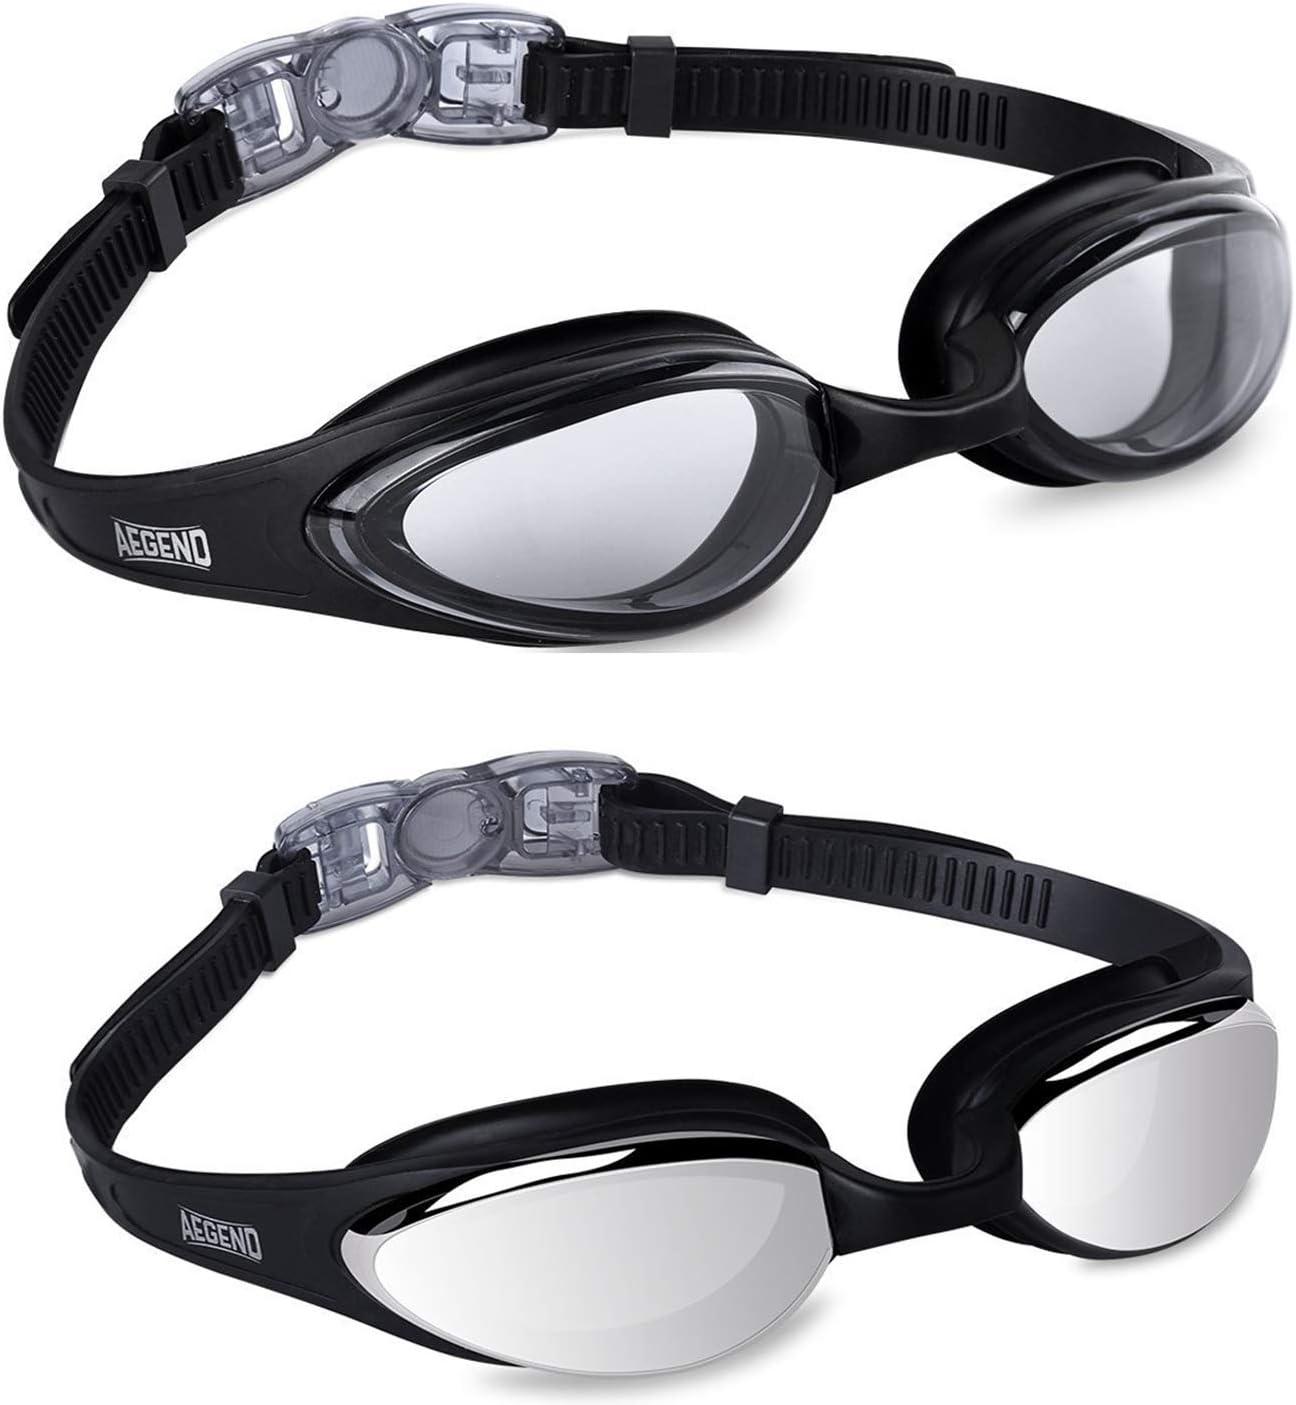 aegend Lunettes de Natation Design épuré - Anti-buée - Protection UV de qualité supérieure - Vision à 180 degrés - Pont de Nez en Silicone Souple - pour Adulte, Homme, Femme, Jeunesse